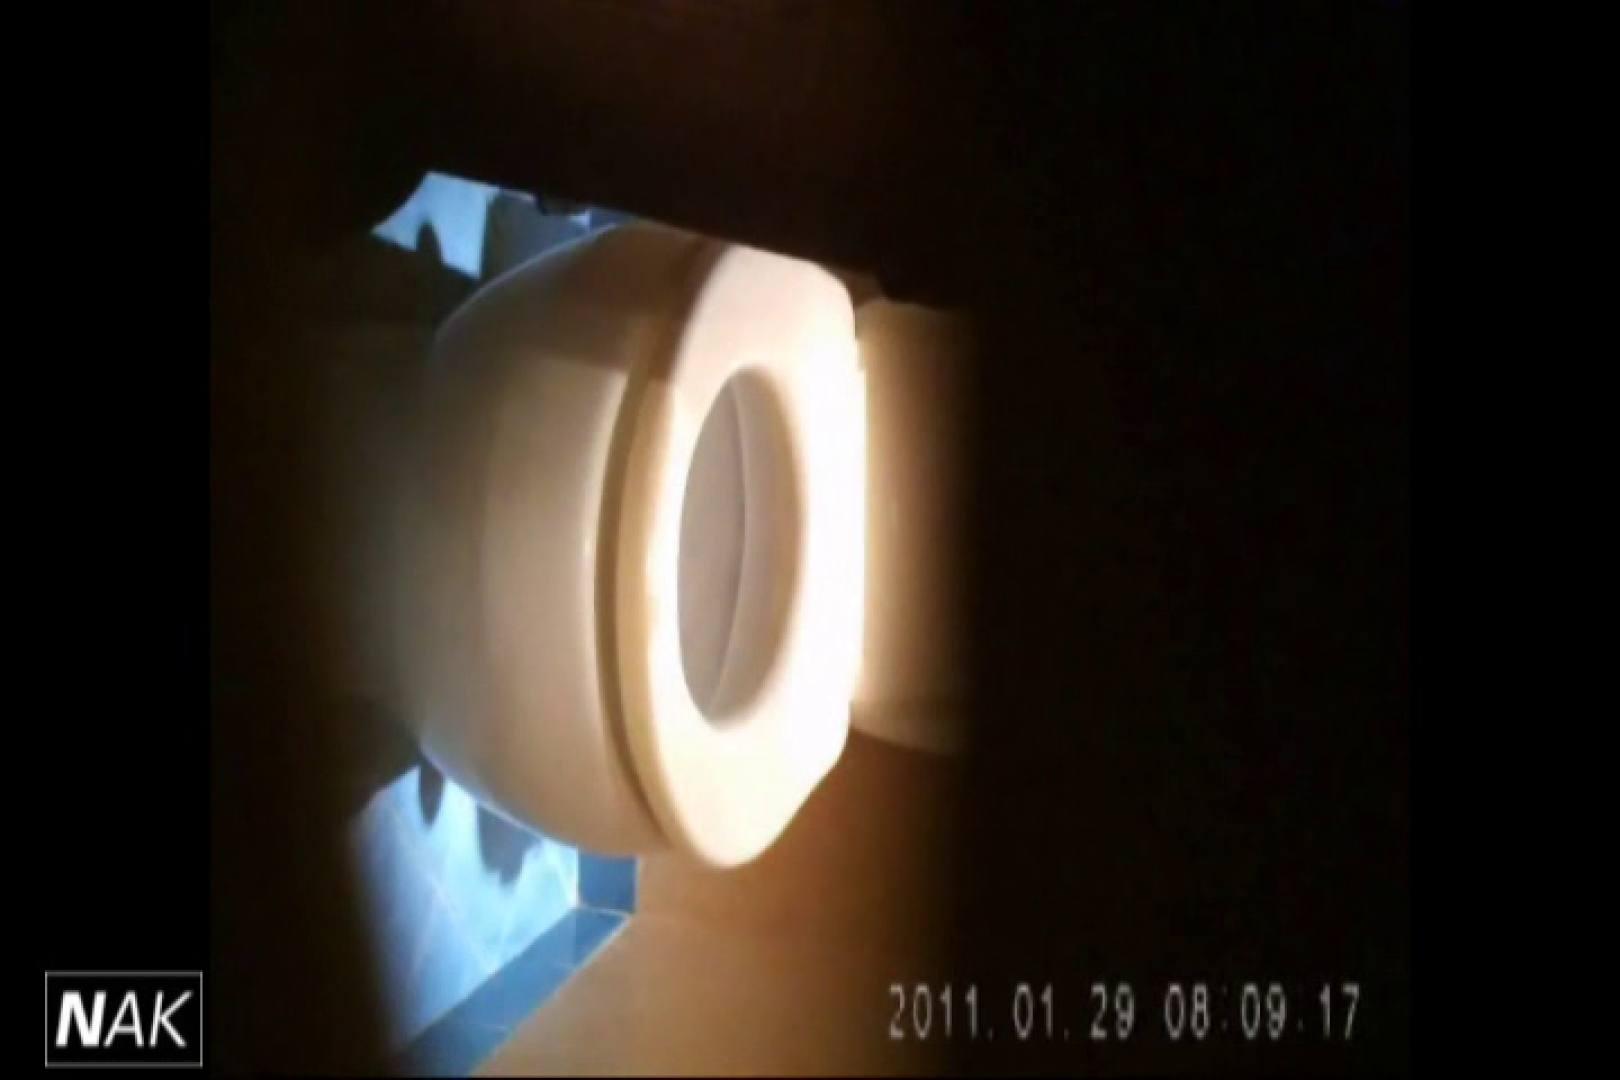 せん八さんの厠観察日記!2点監視カメラ 高画質5000K vol.16 お姉さんのエロ動画 ワレメ動画紹介 113PIX 26